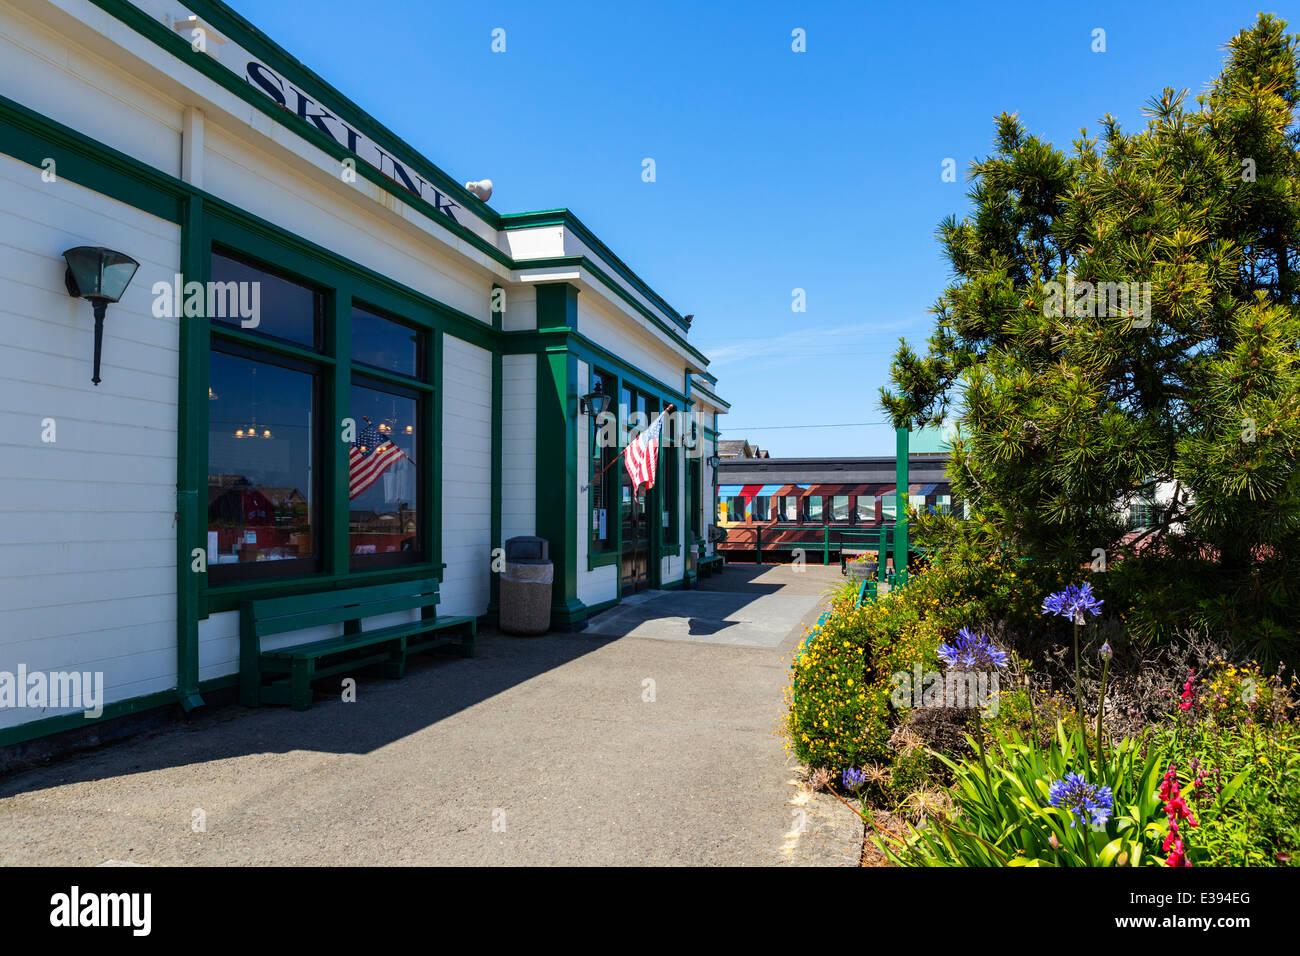 Skunk Train terminus in Fort Bragg, Mendocino County, California, USA - Stock Image